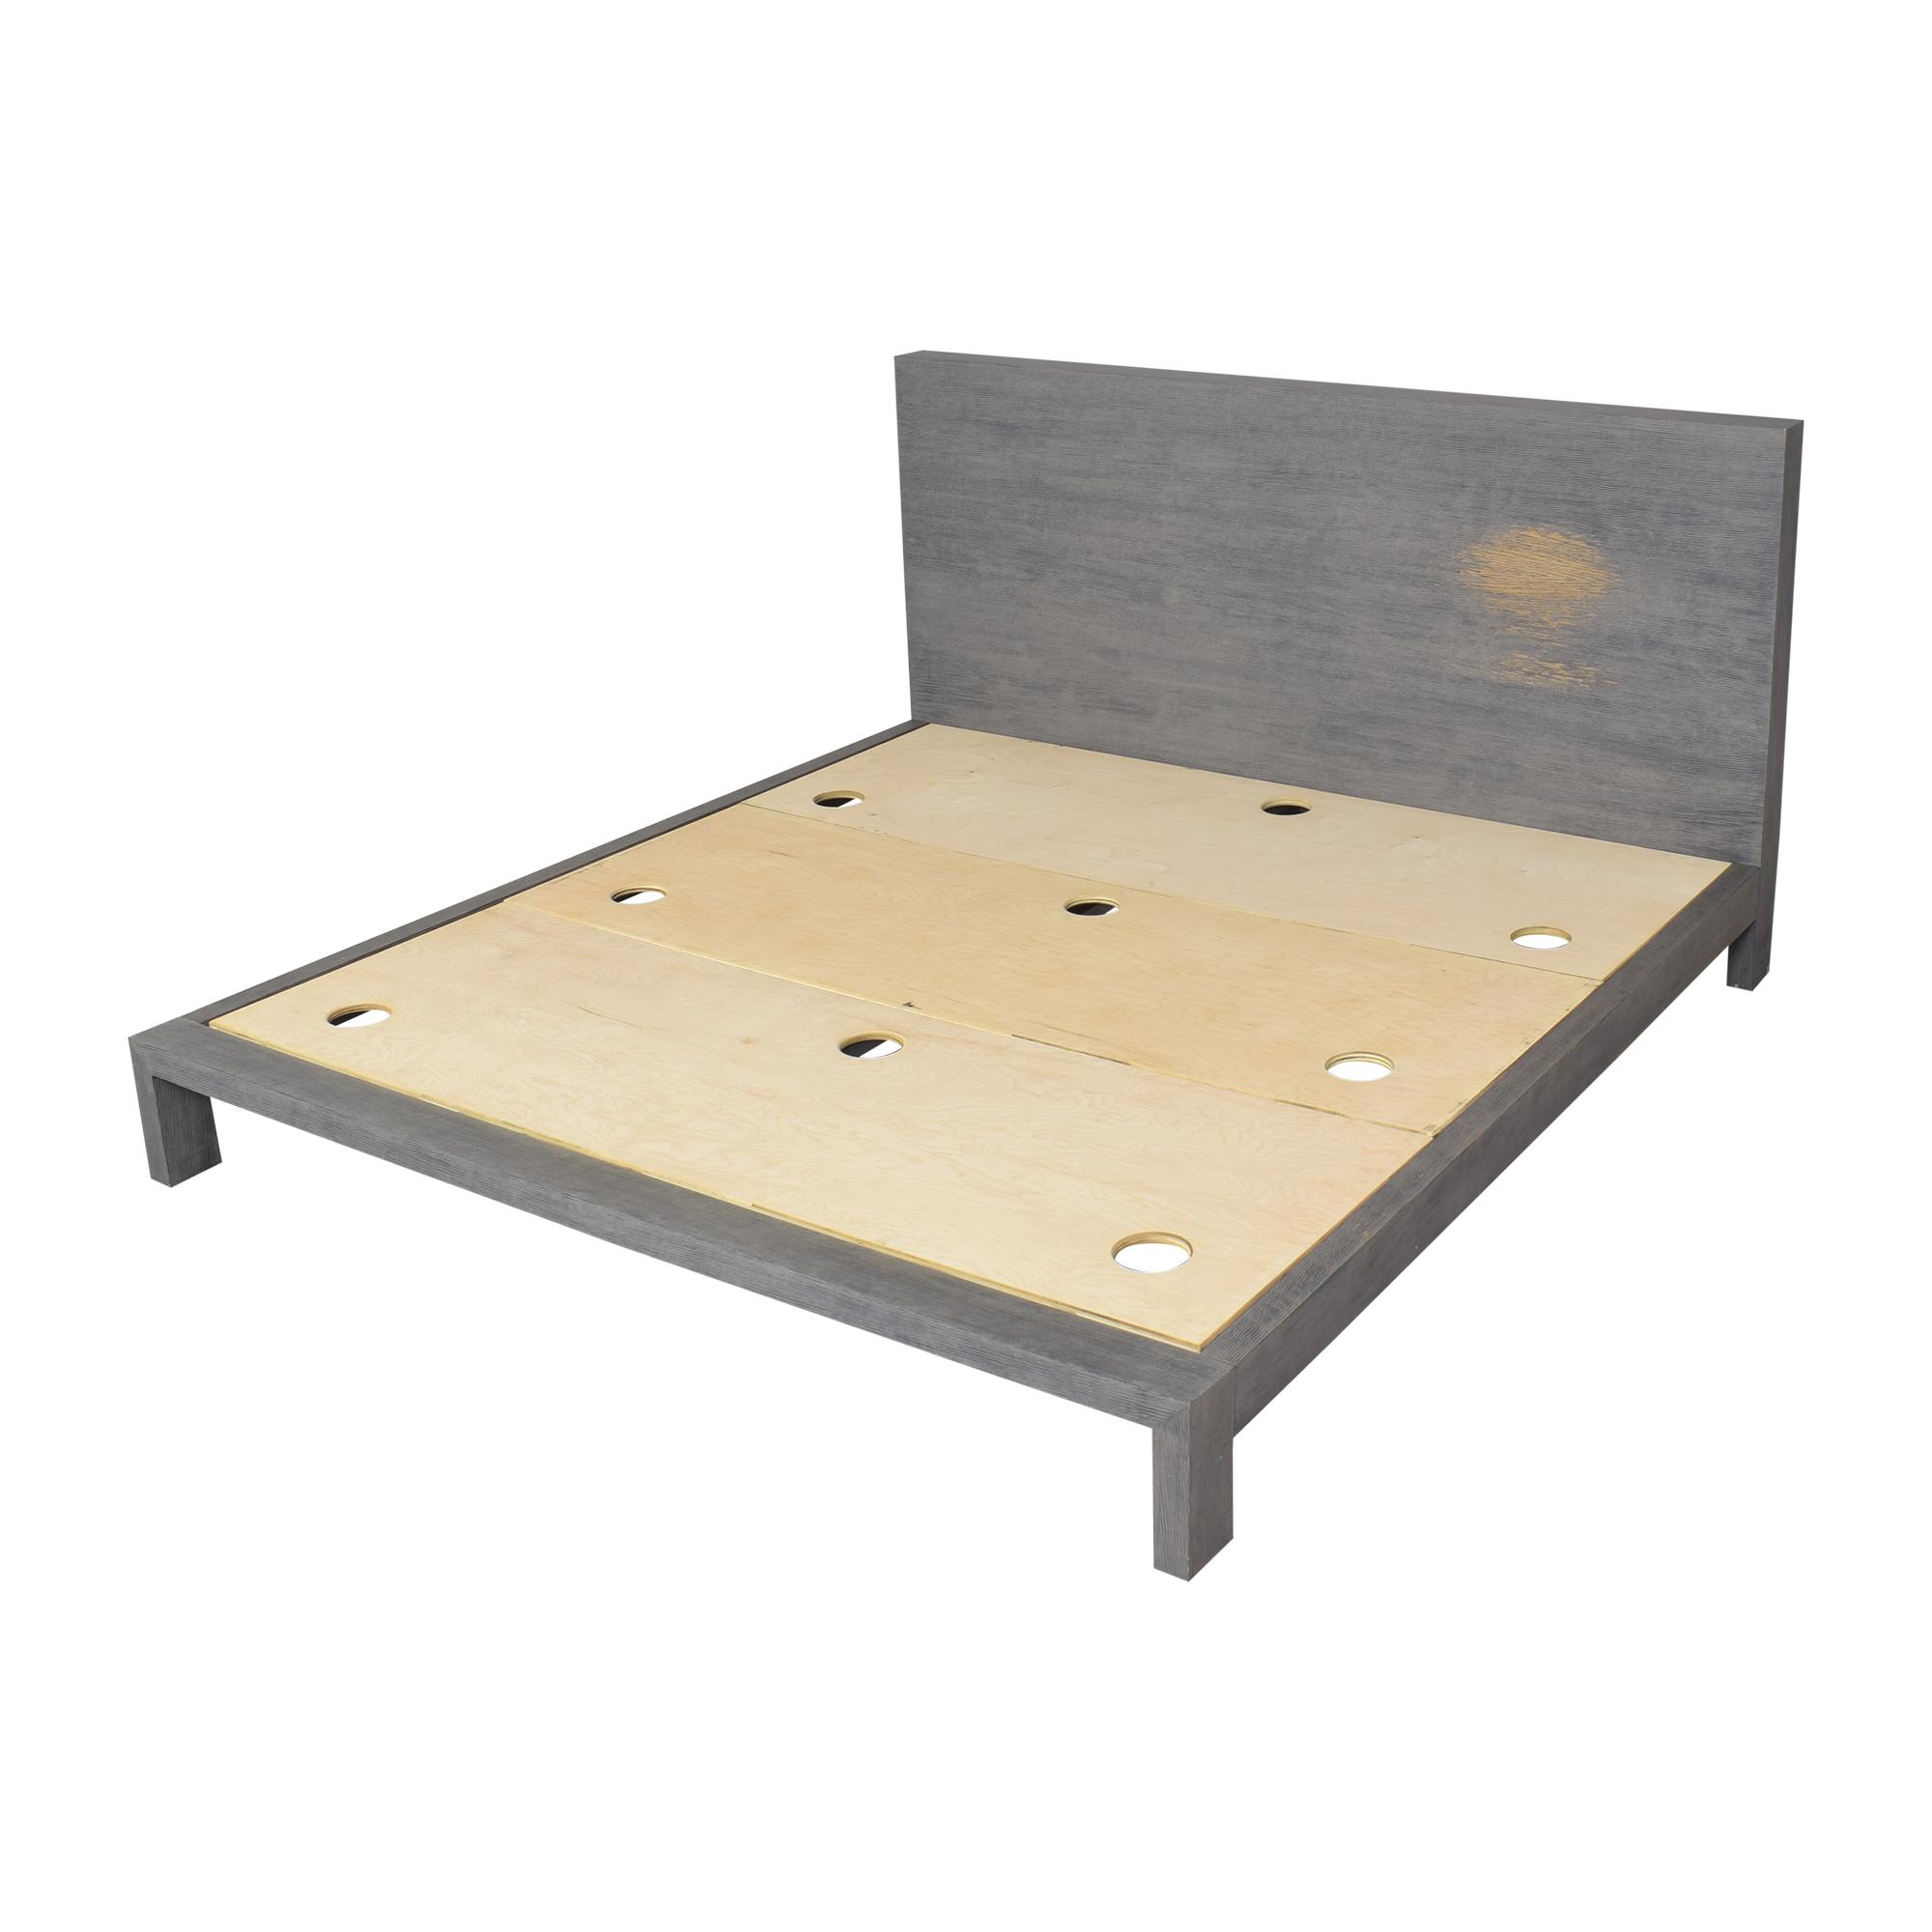 Desiron Desiron King Platform Bed nyc